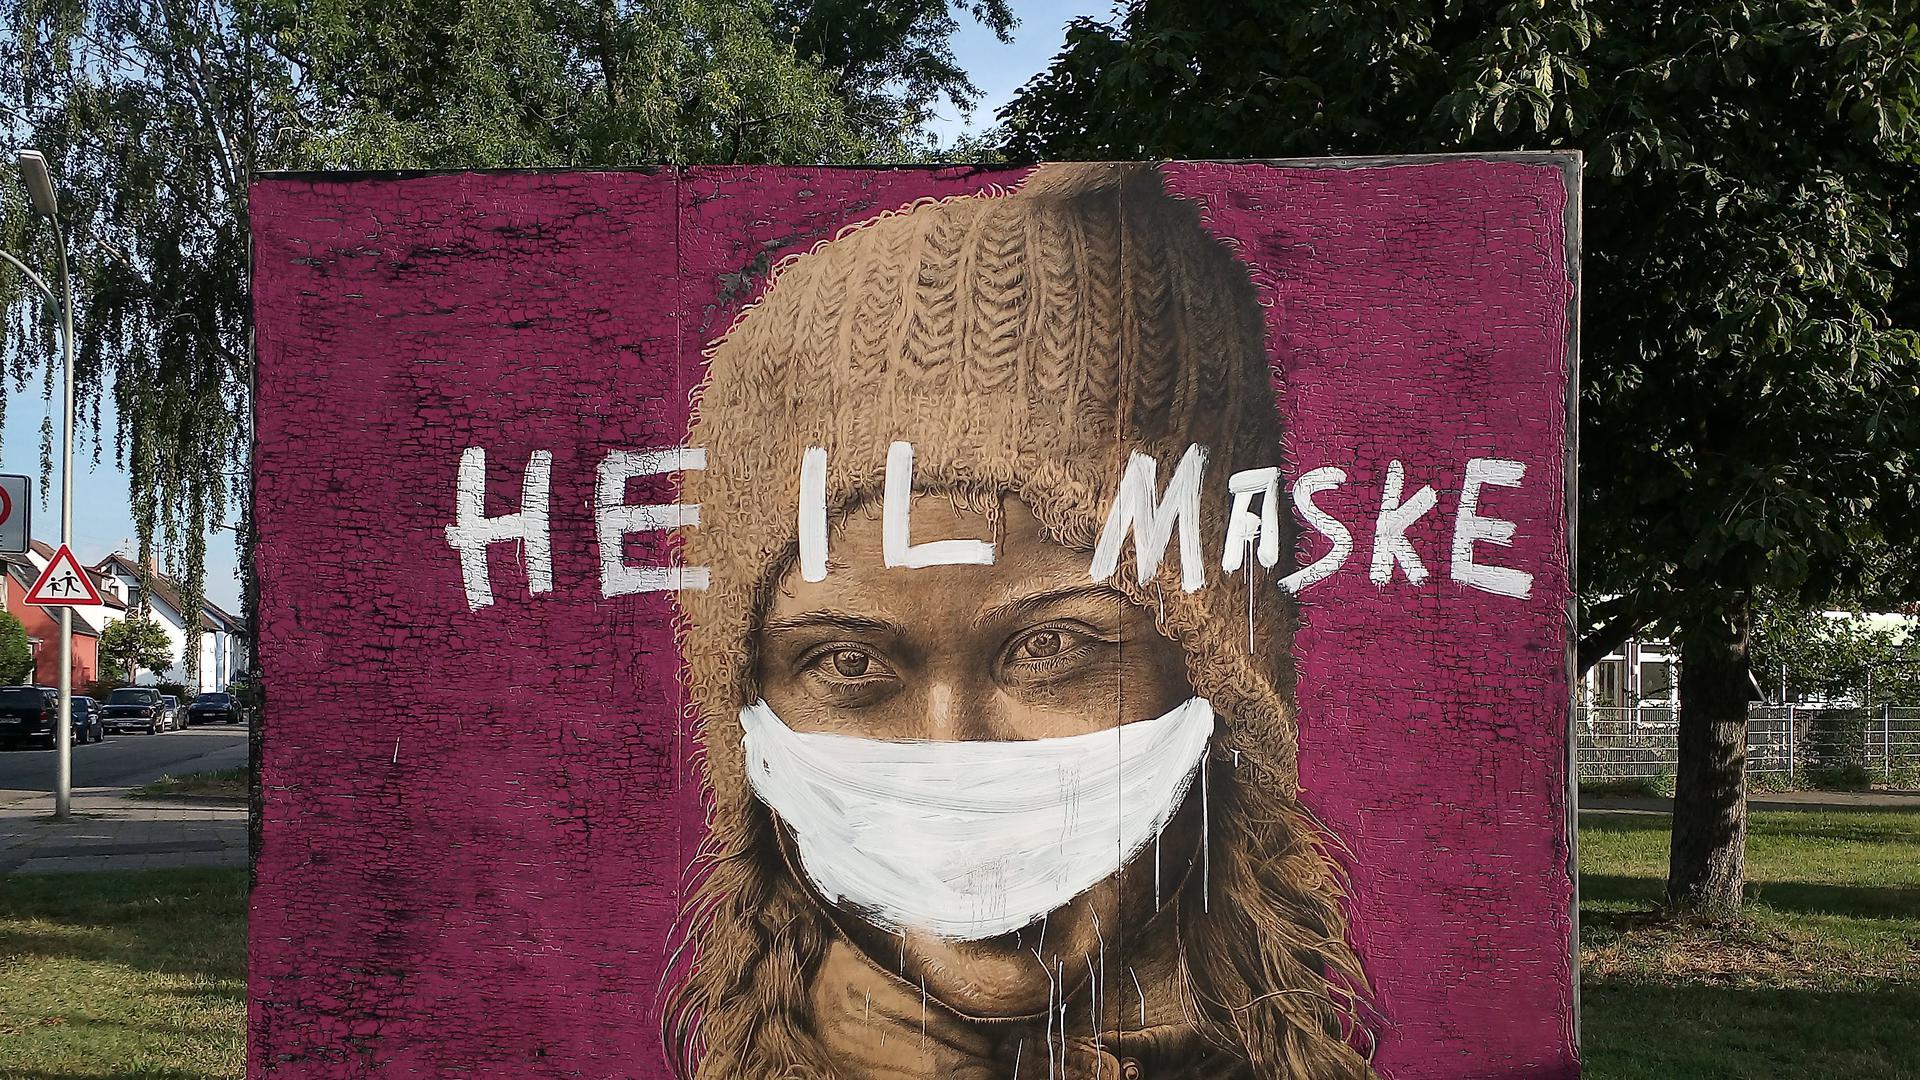 Heil Maske: Mit diesem Schriftzug haben Unbekannte ein Kunst-Plakat in der Karlsruher Nordstadt beschmiert.